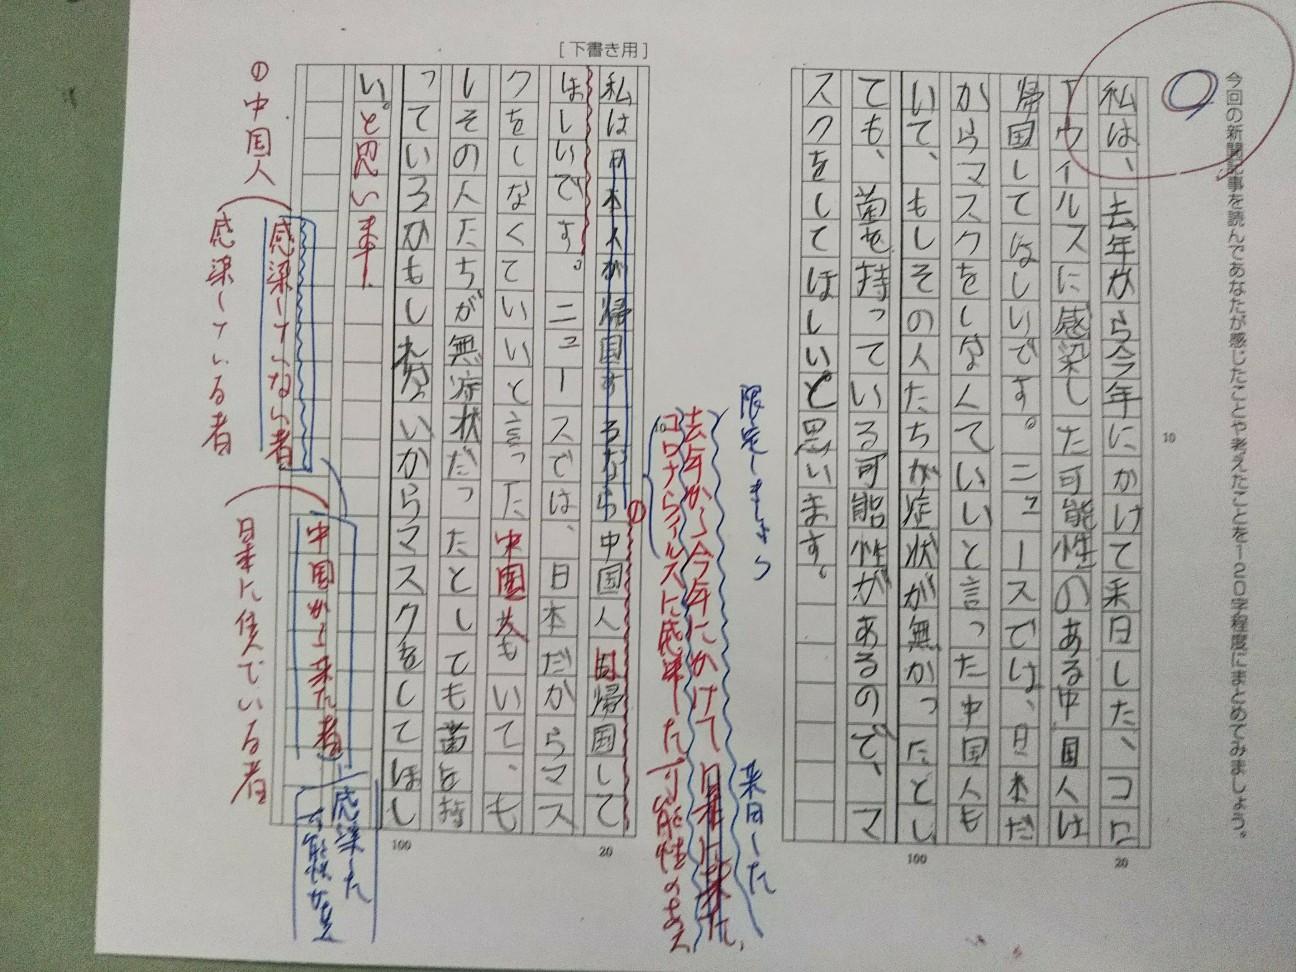 f:id:yujisyuji:20200130231812j:image